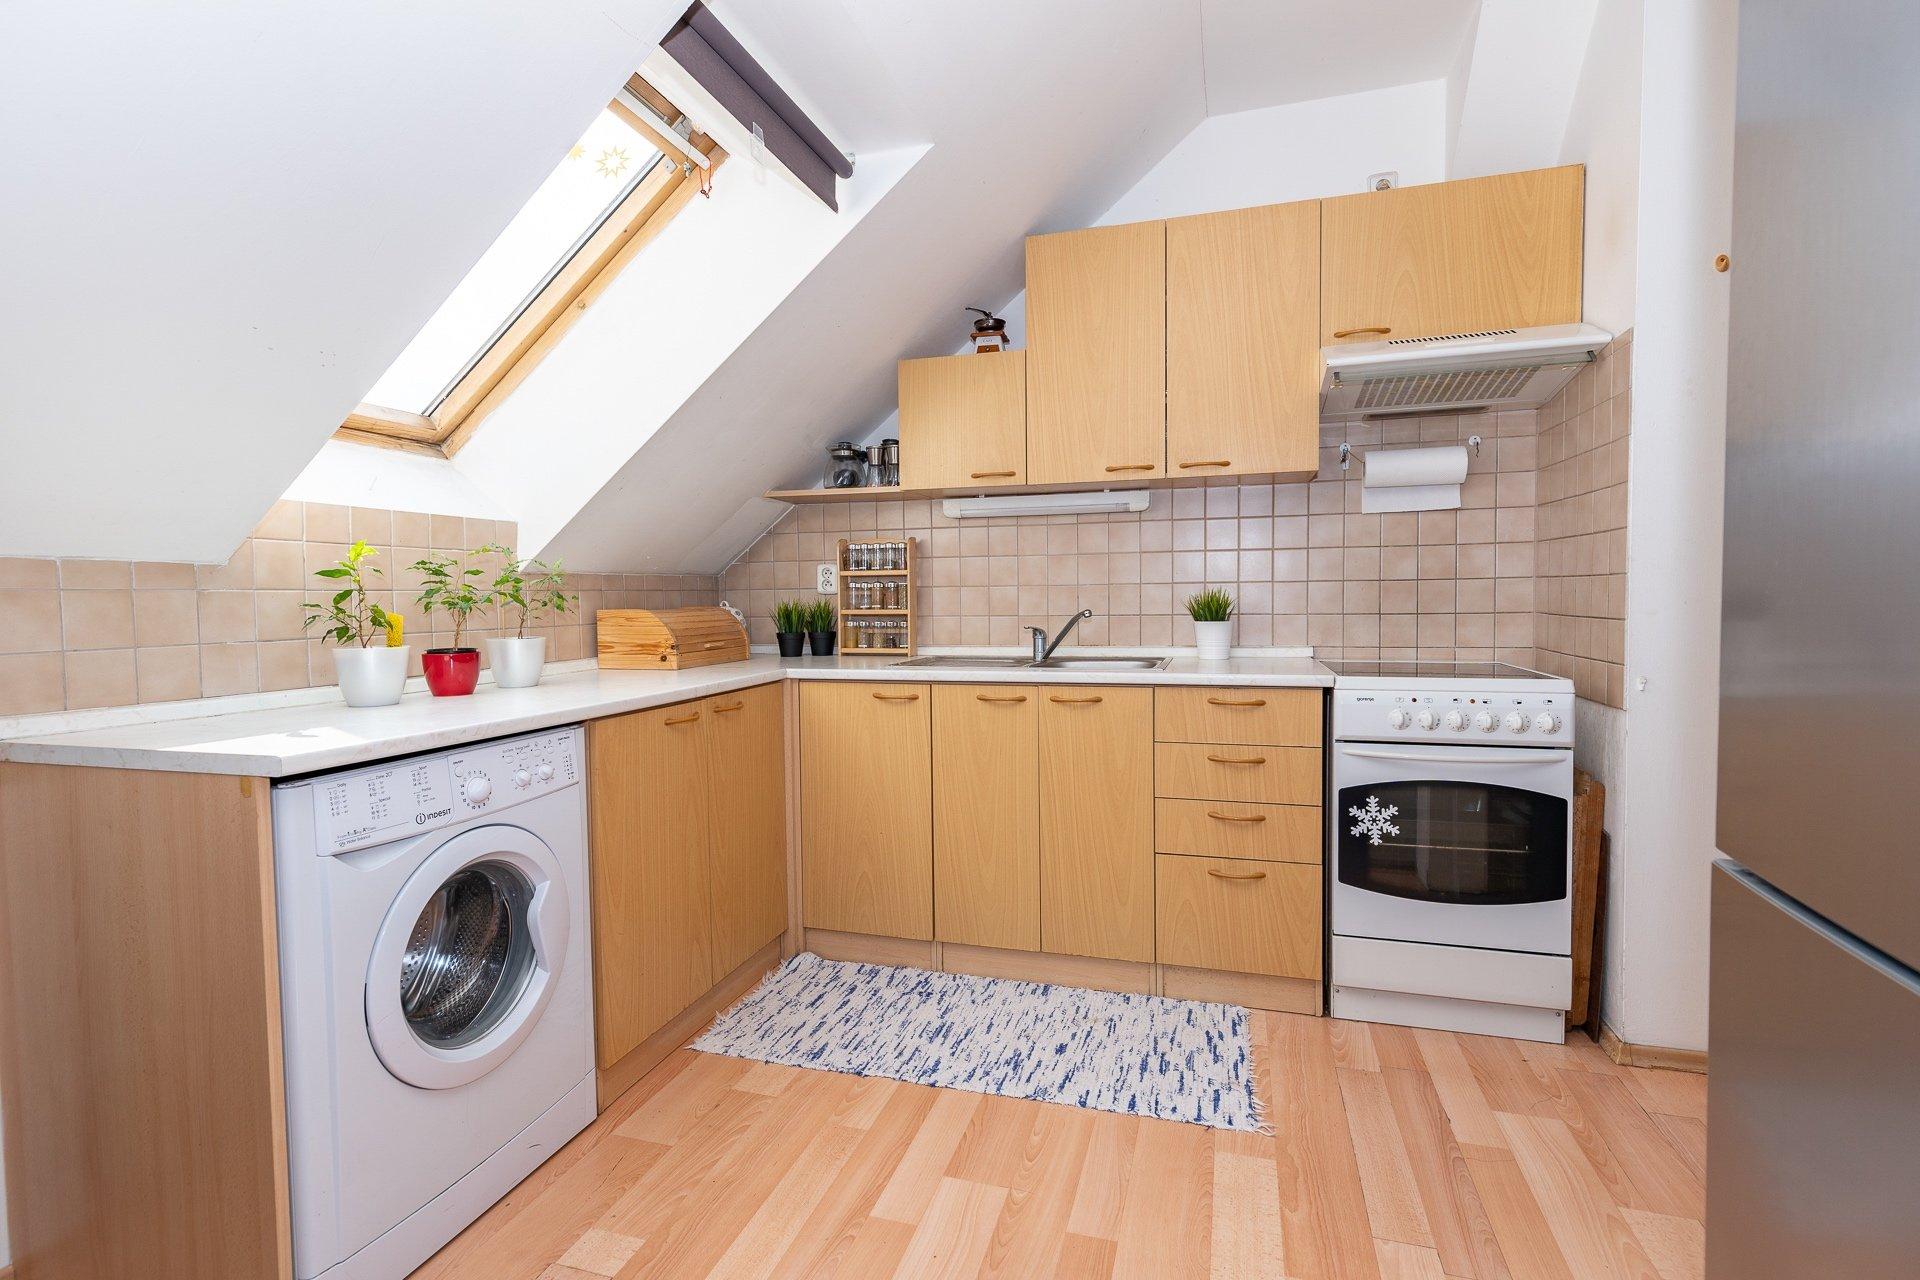 kuchyňský kout s pračkou, troubou se sporákem a střešním oknem